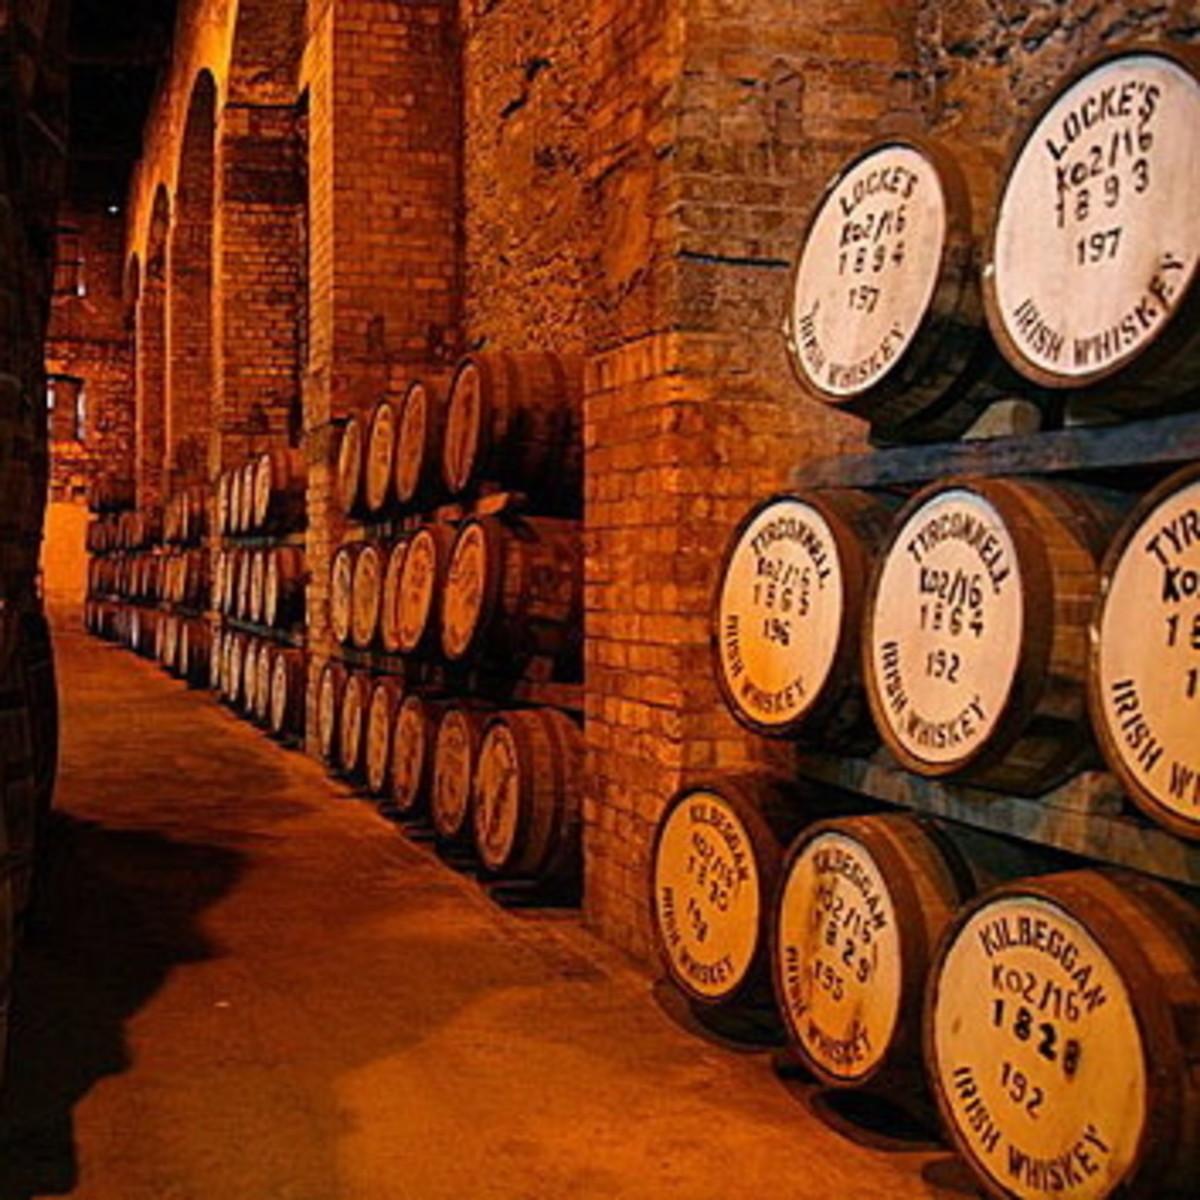 Barrels of Irish Whiskey